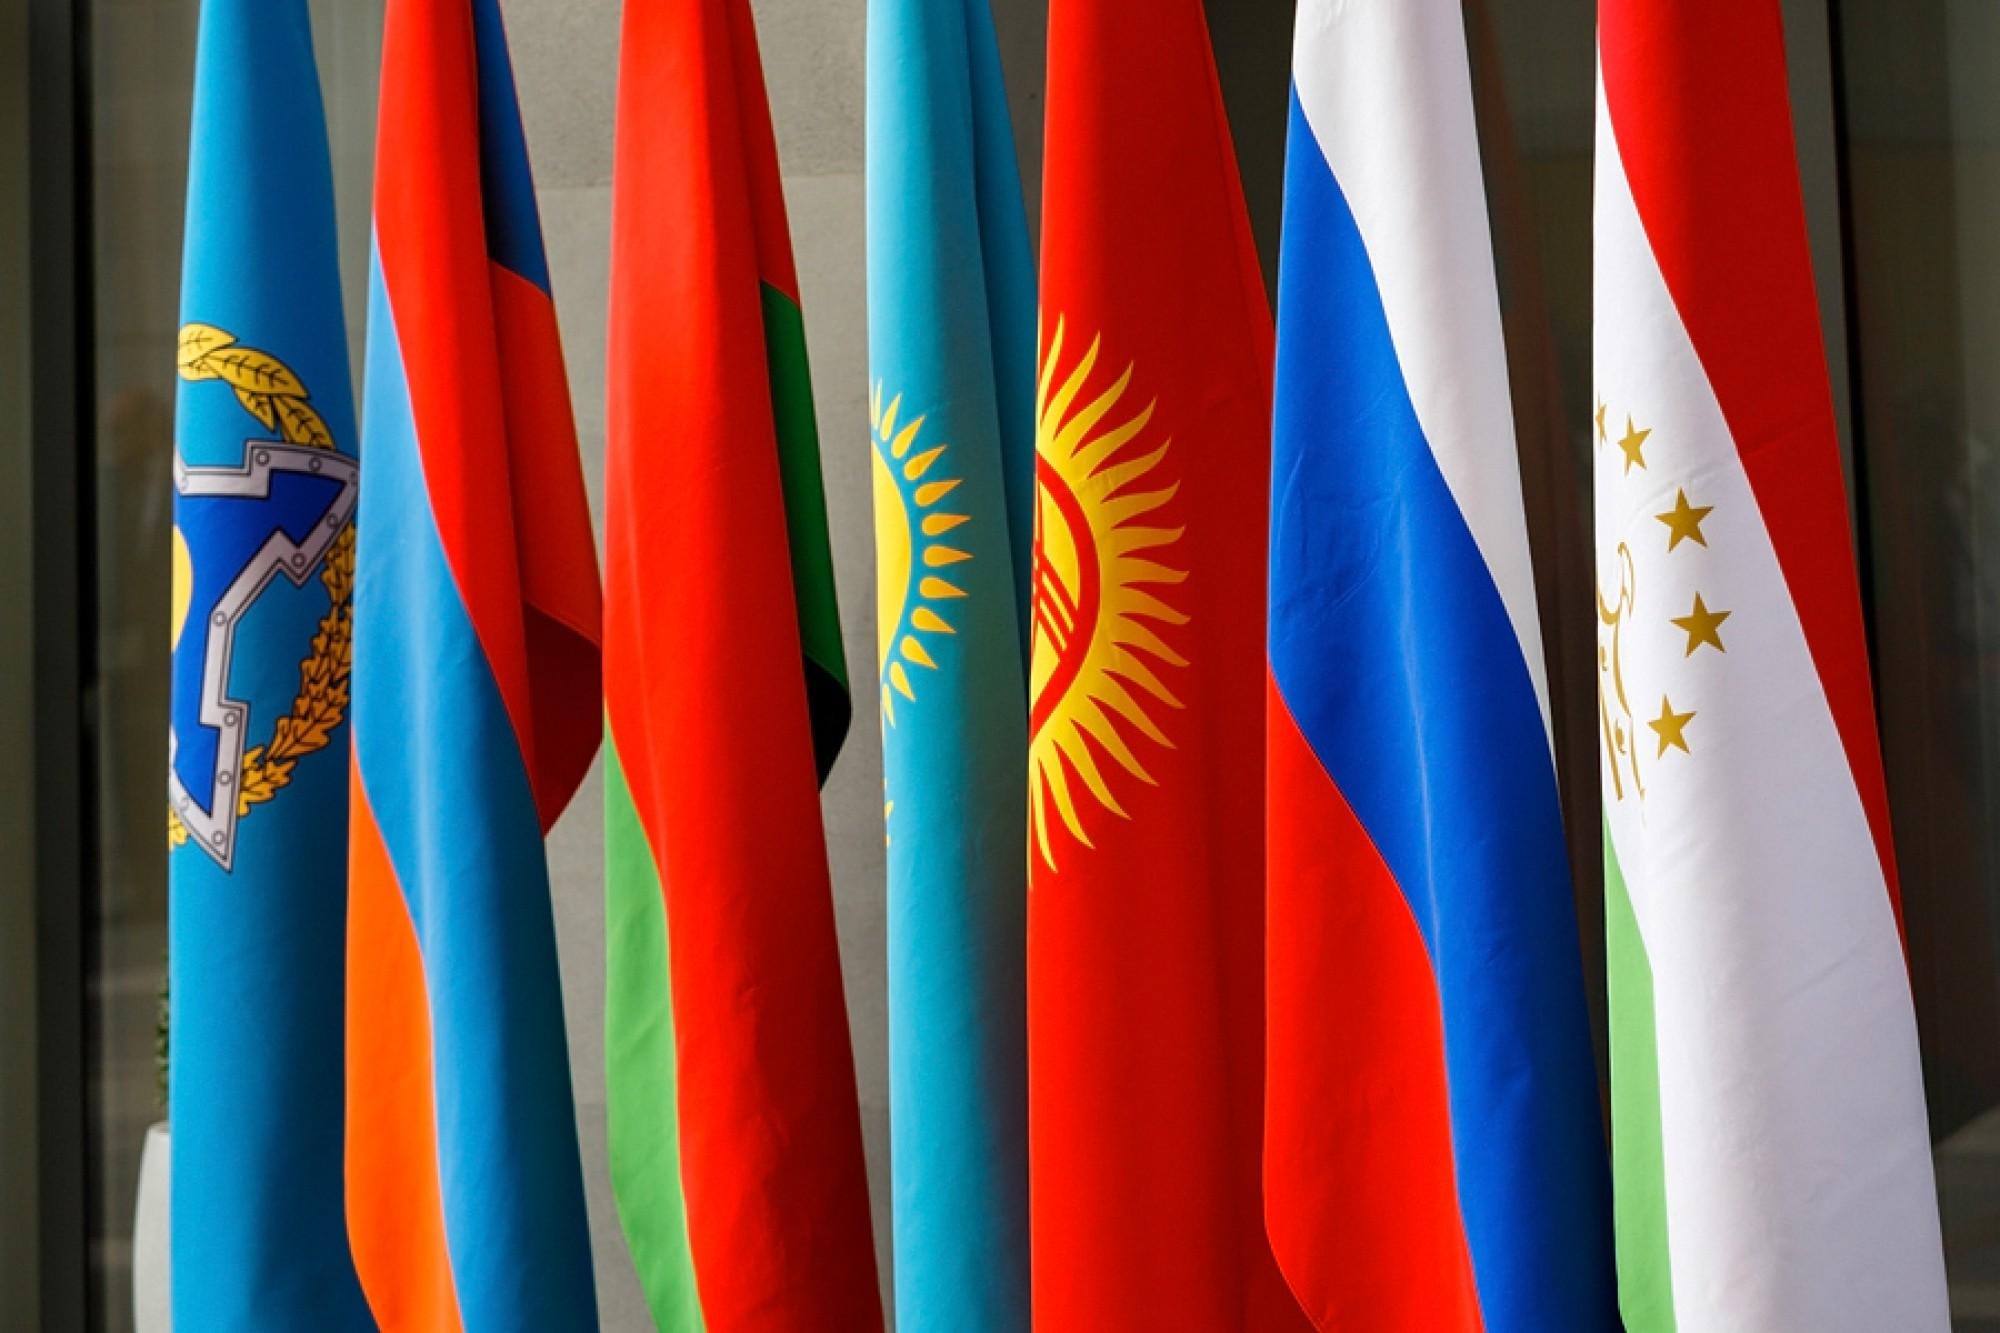 МИД РК: страны ОДКБ продолжают консультации по замене генсека